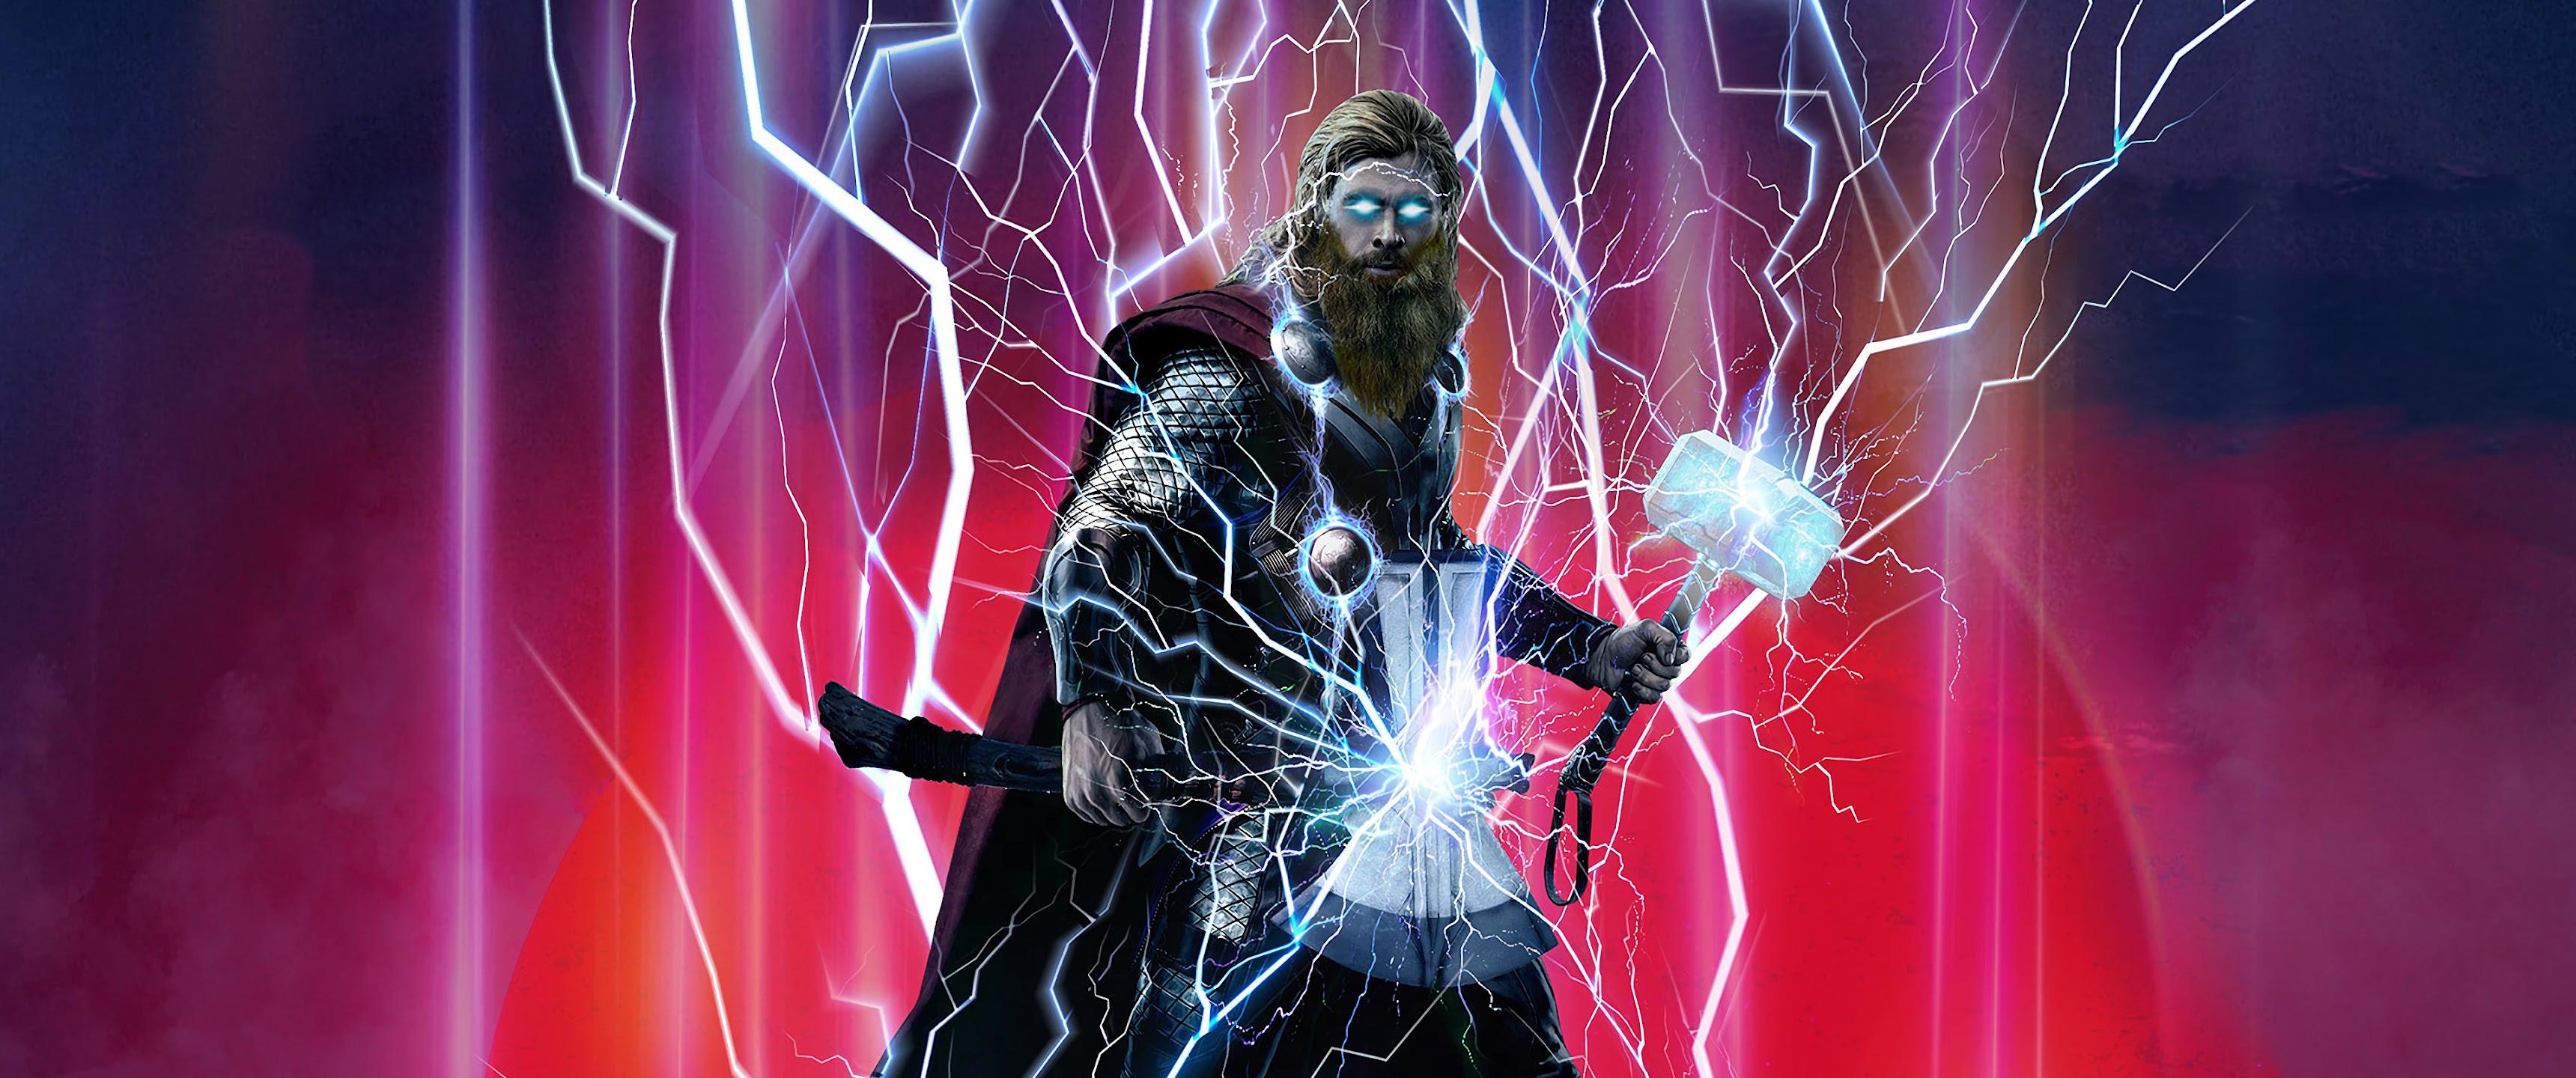 Avengers: Endgame, Thor, Stormbreaker, Hammer, Lightning ...